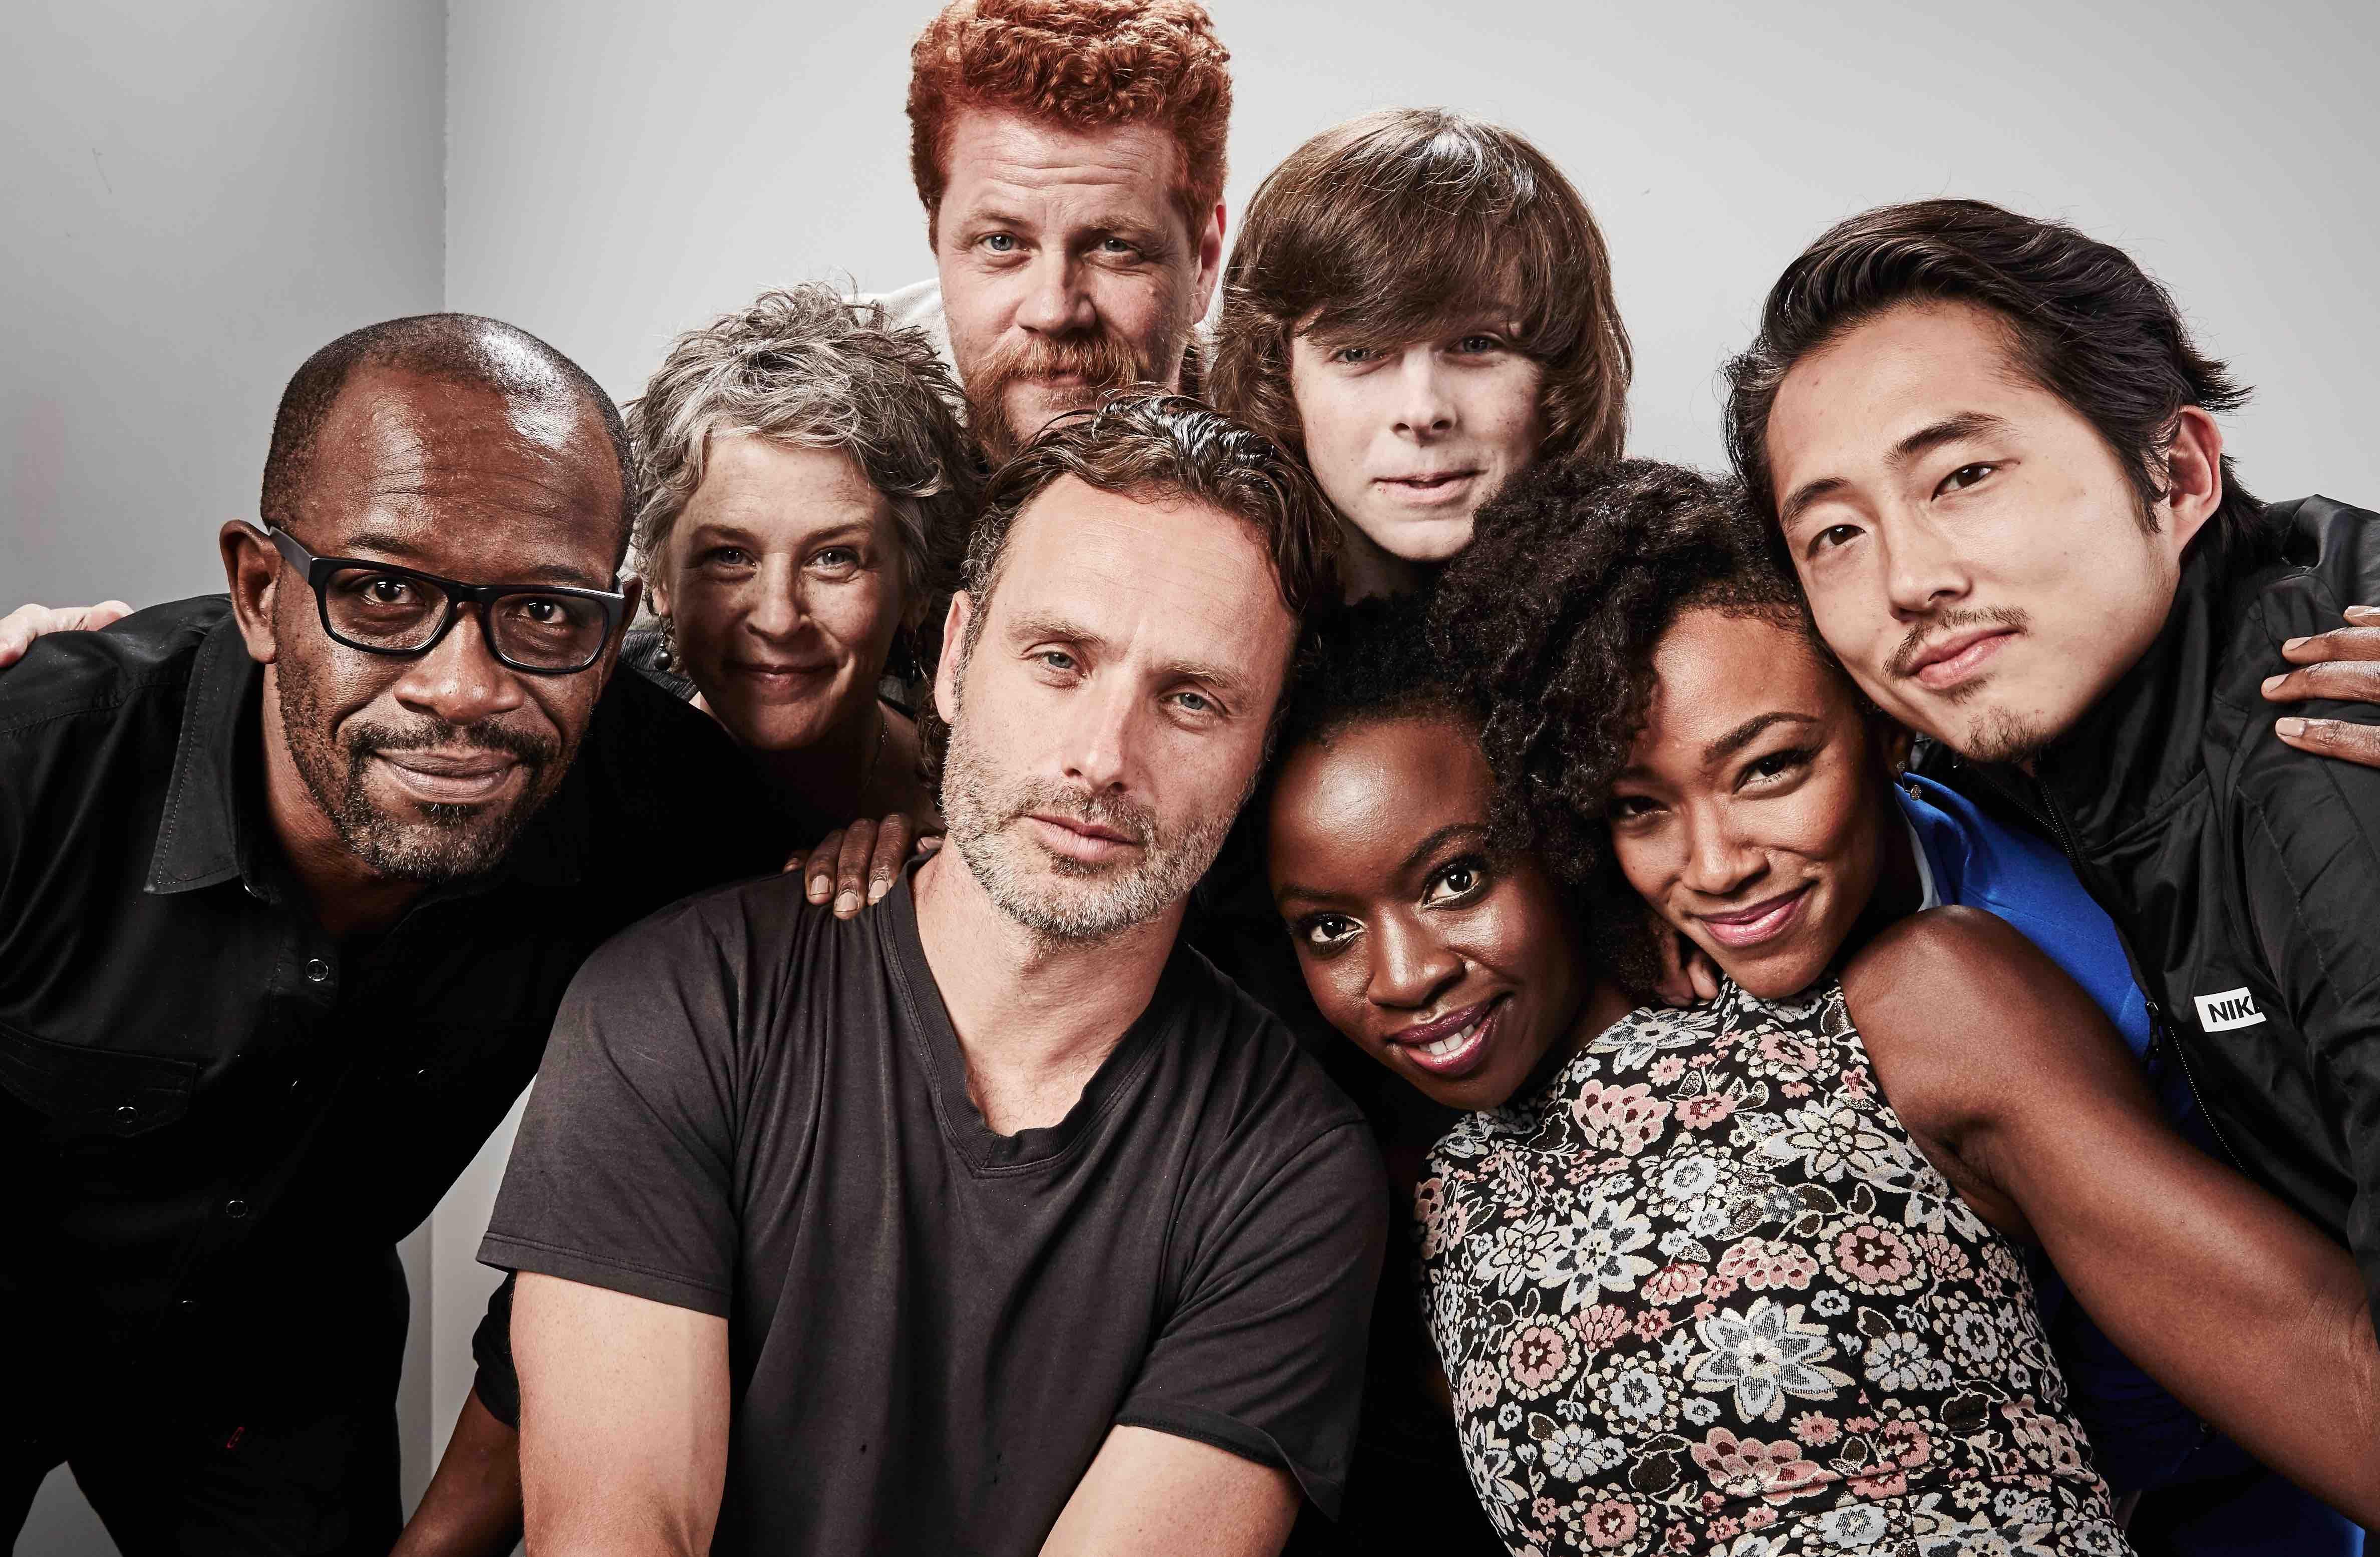 Jetzt lesen: The Walking Dead: Diese drei Figuren werden so schnell also nicht sterben - http://ift.tt/2oInJH9 #nachrichten